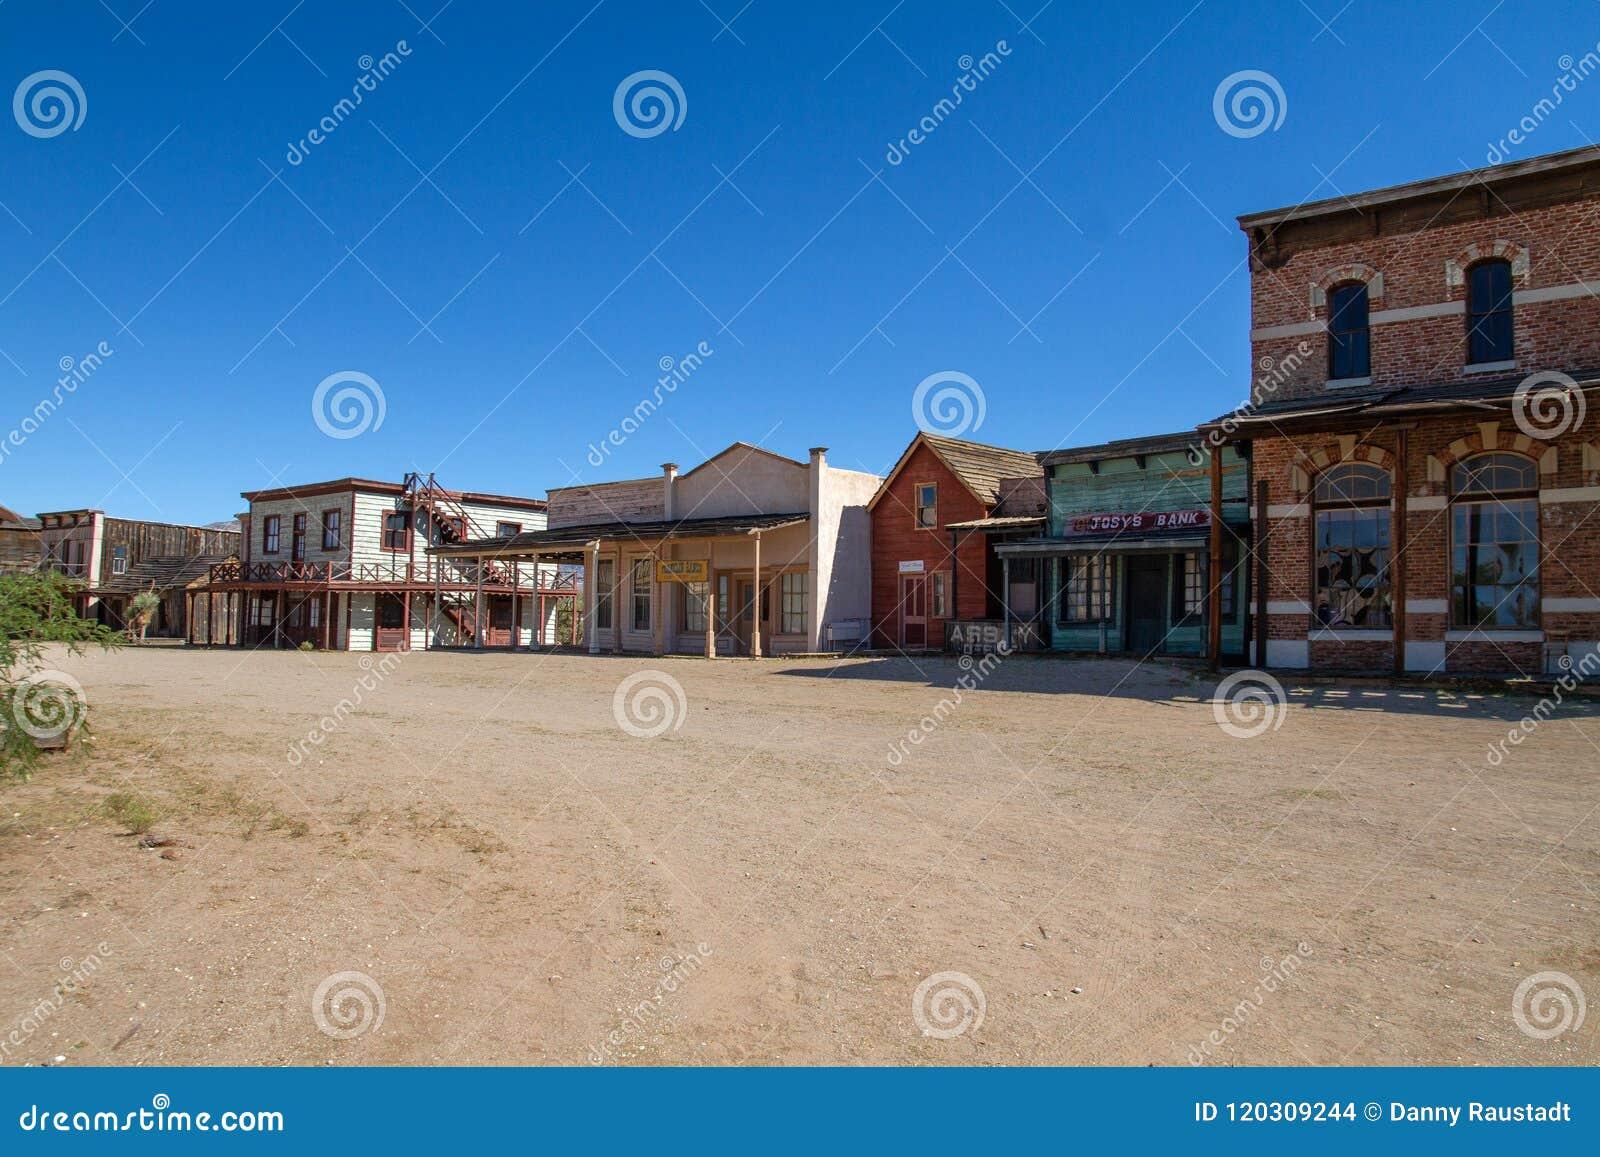 Vieux décor de film occidental sauvage de ville dans le peyotl, Arizona